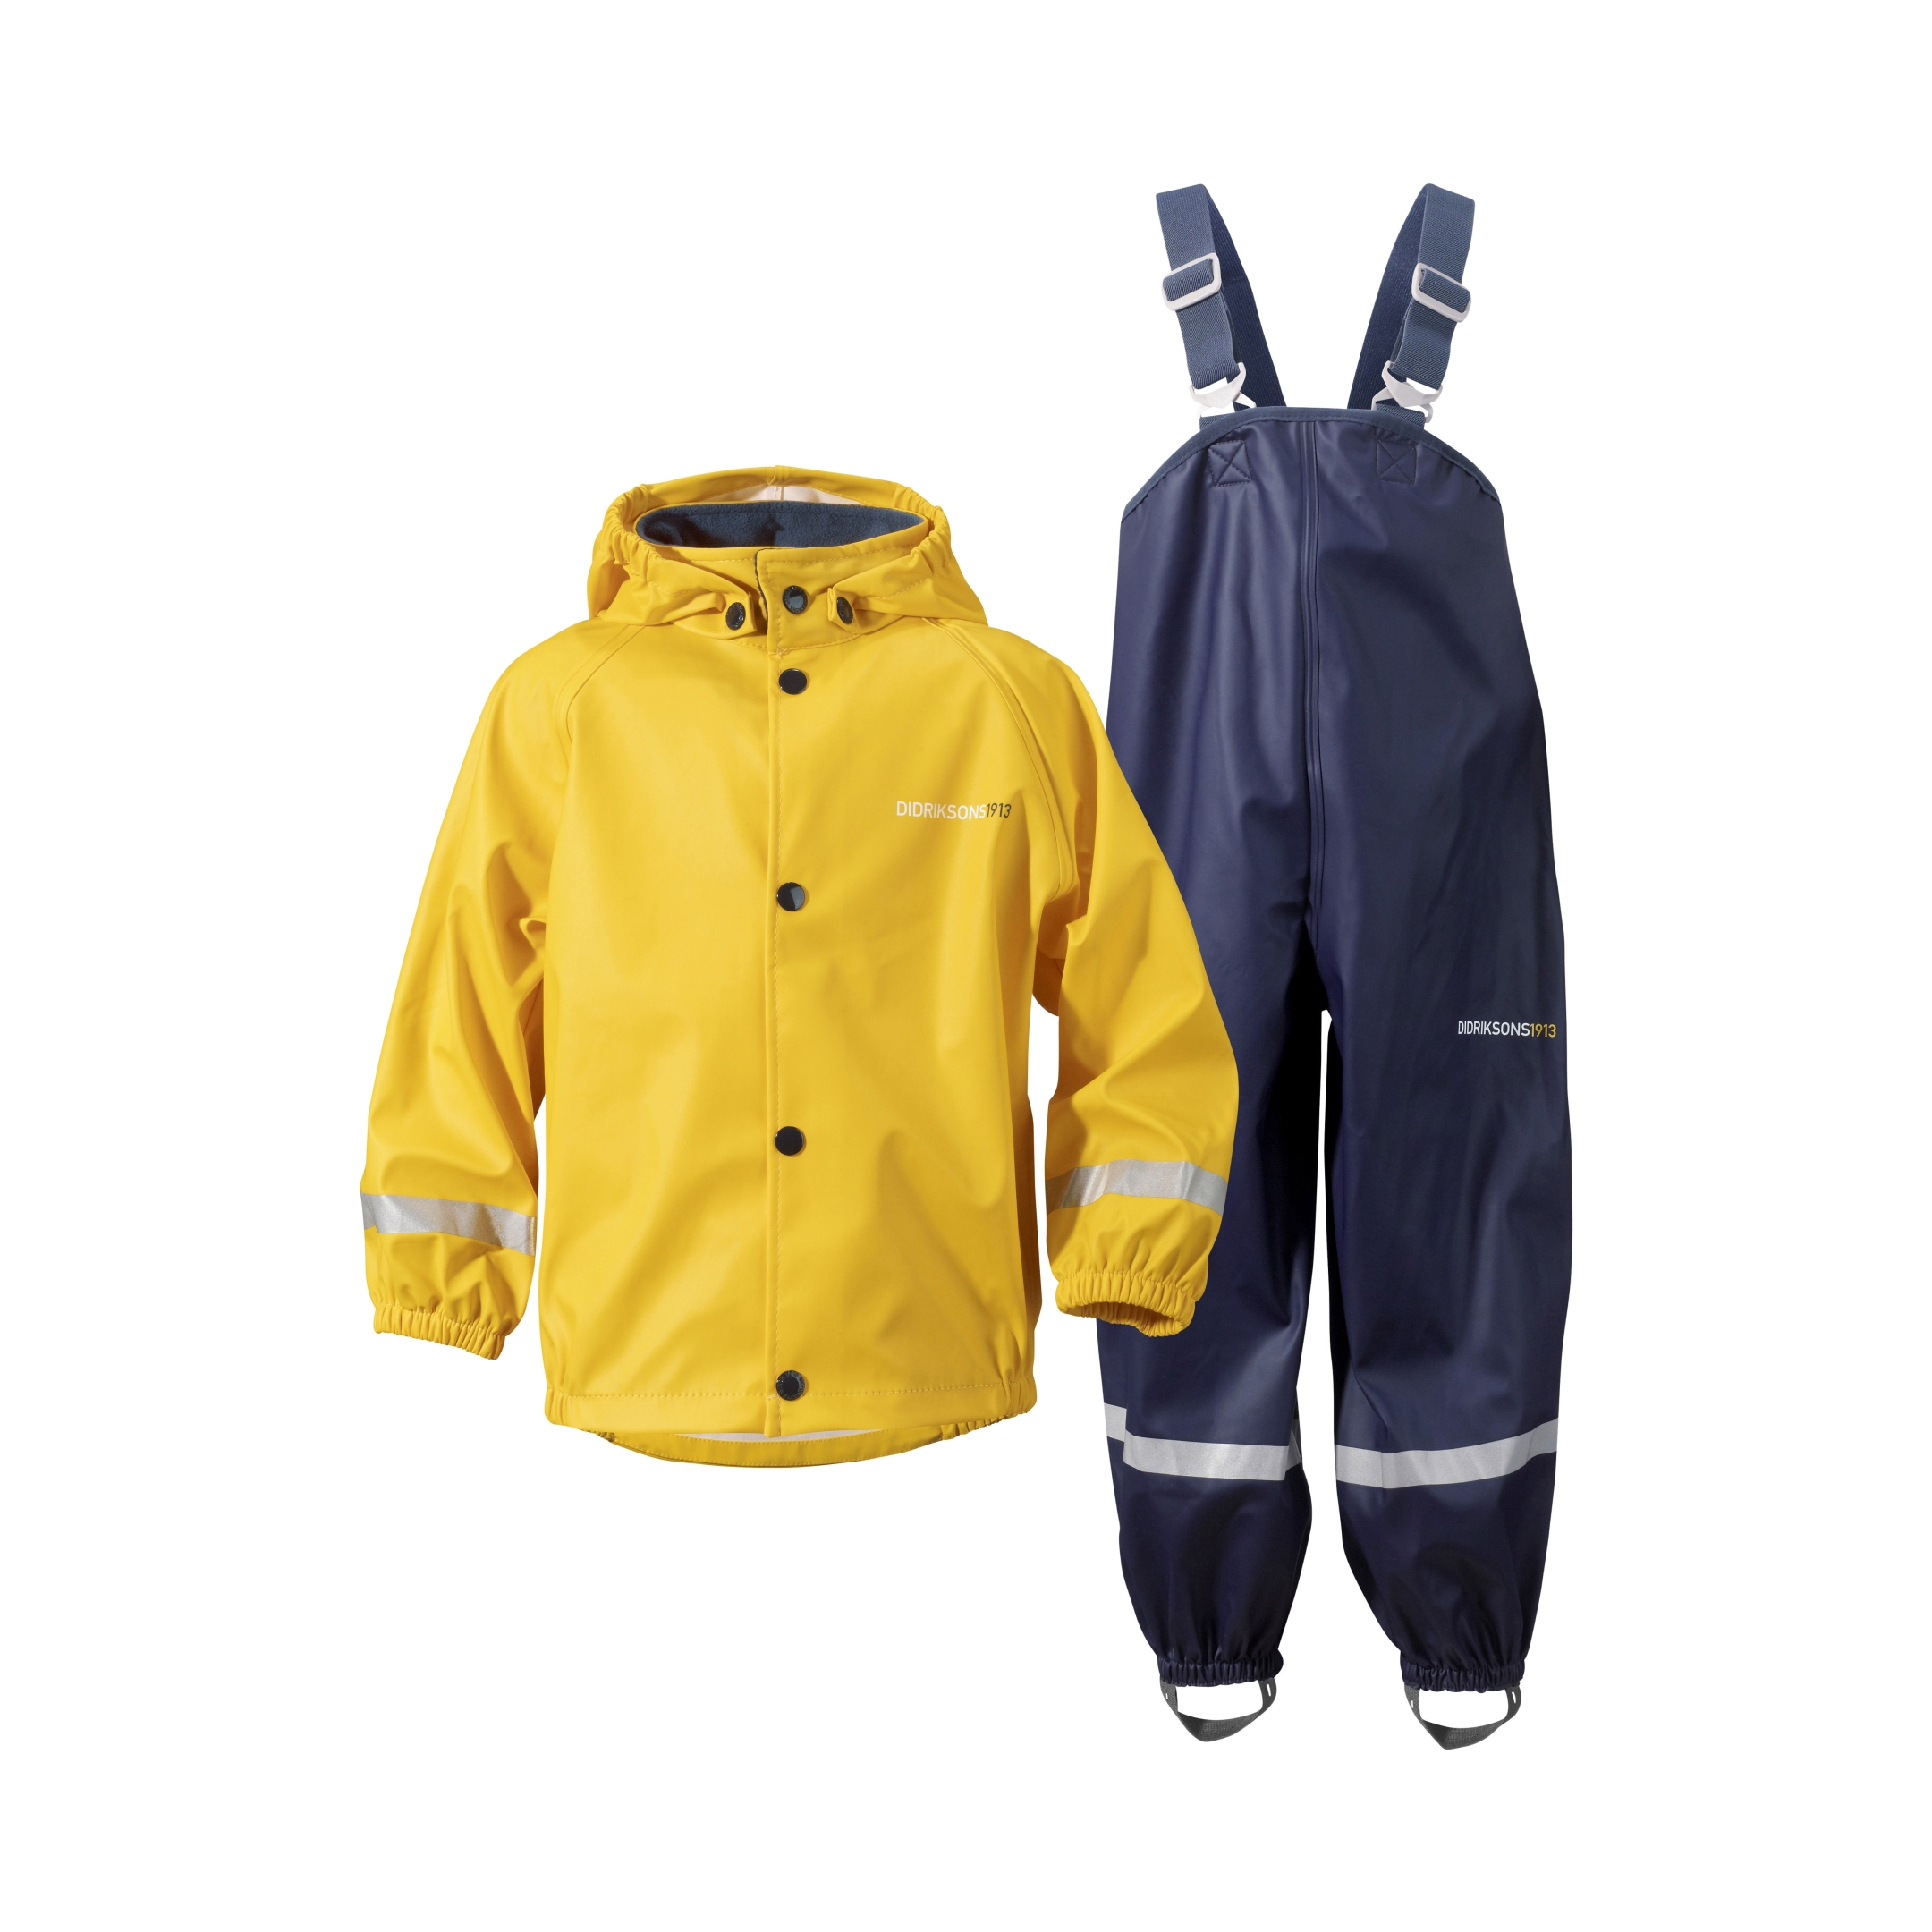 Дидриксон детский костюм дождевой SLASKEMAN + средство для стирки, - фото 3